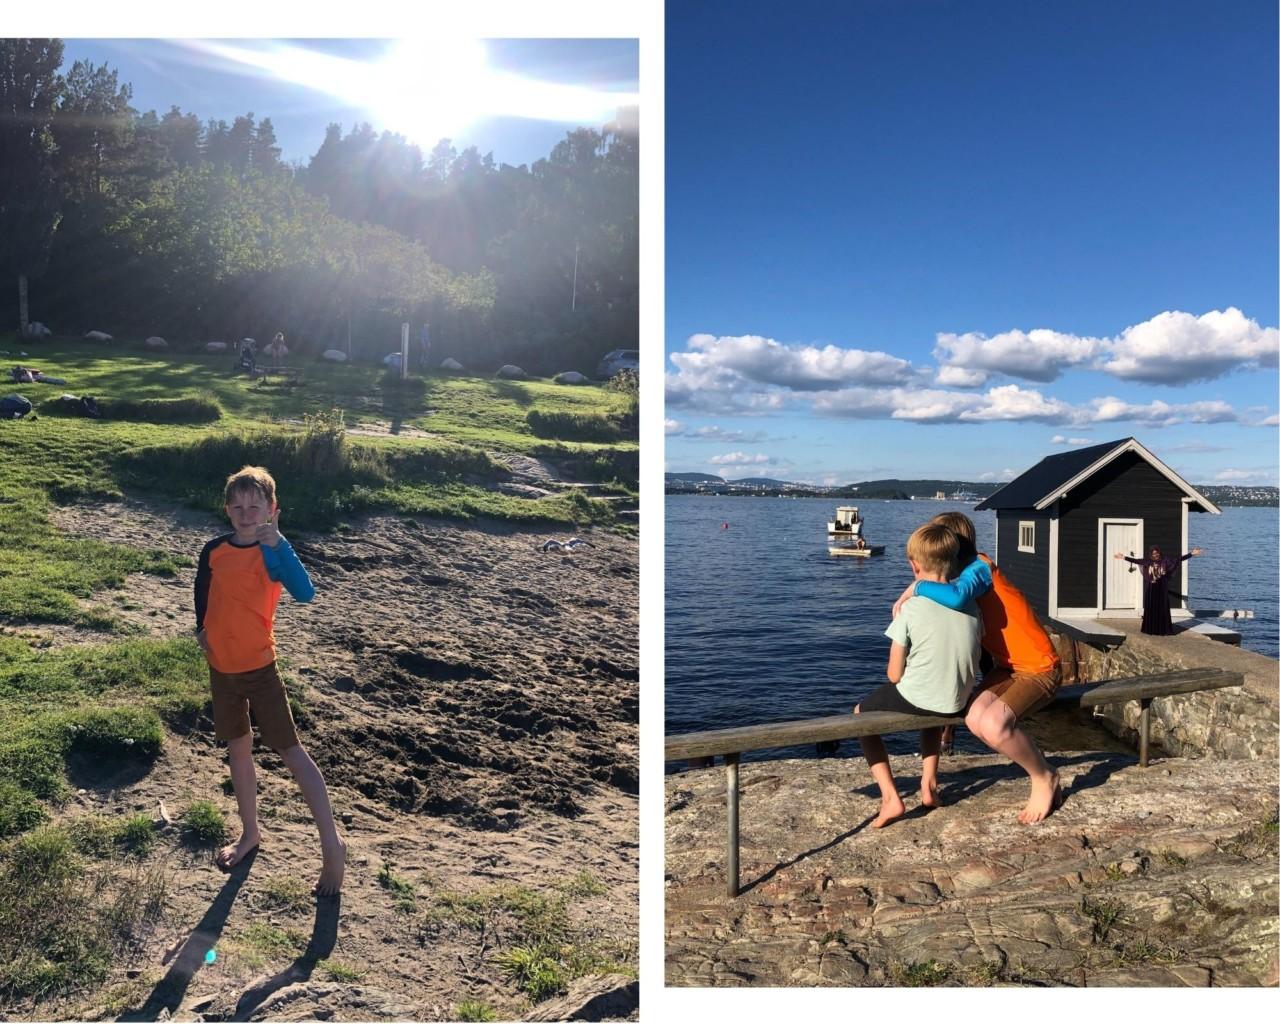 oksval-stranda-nesodden-love-brodre-sommerferie